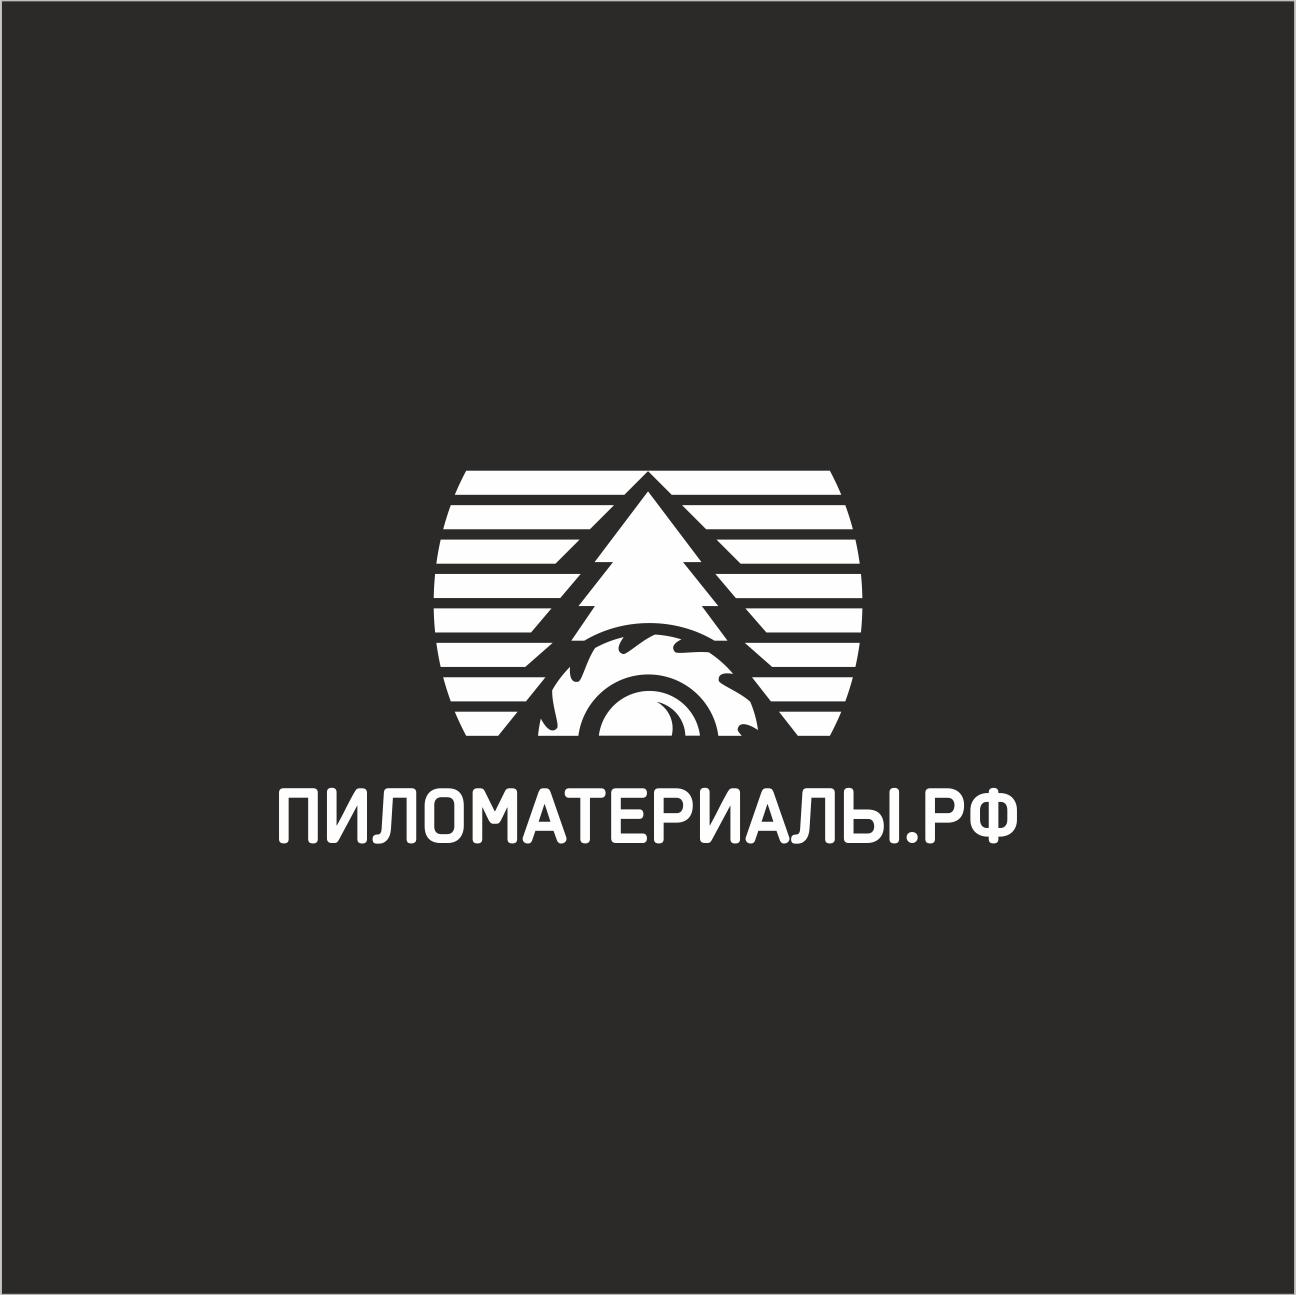 """Создание логотипа и фирменного стиля """"Пиломатериалы.РФ"""" фото f_932530b5ddc2aa39.png"""